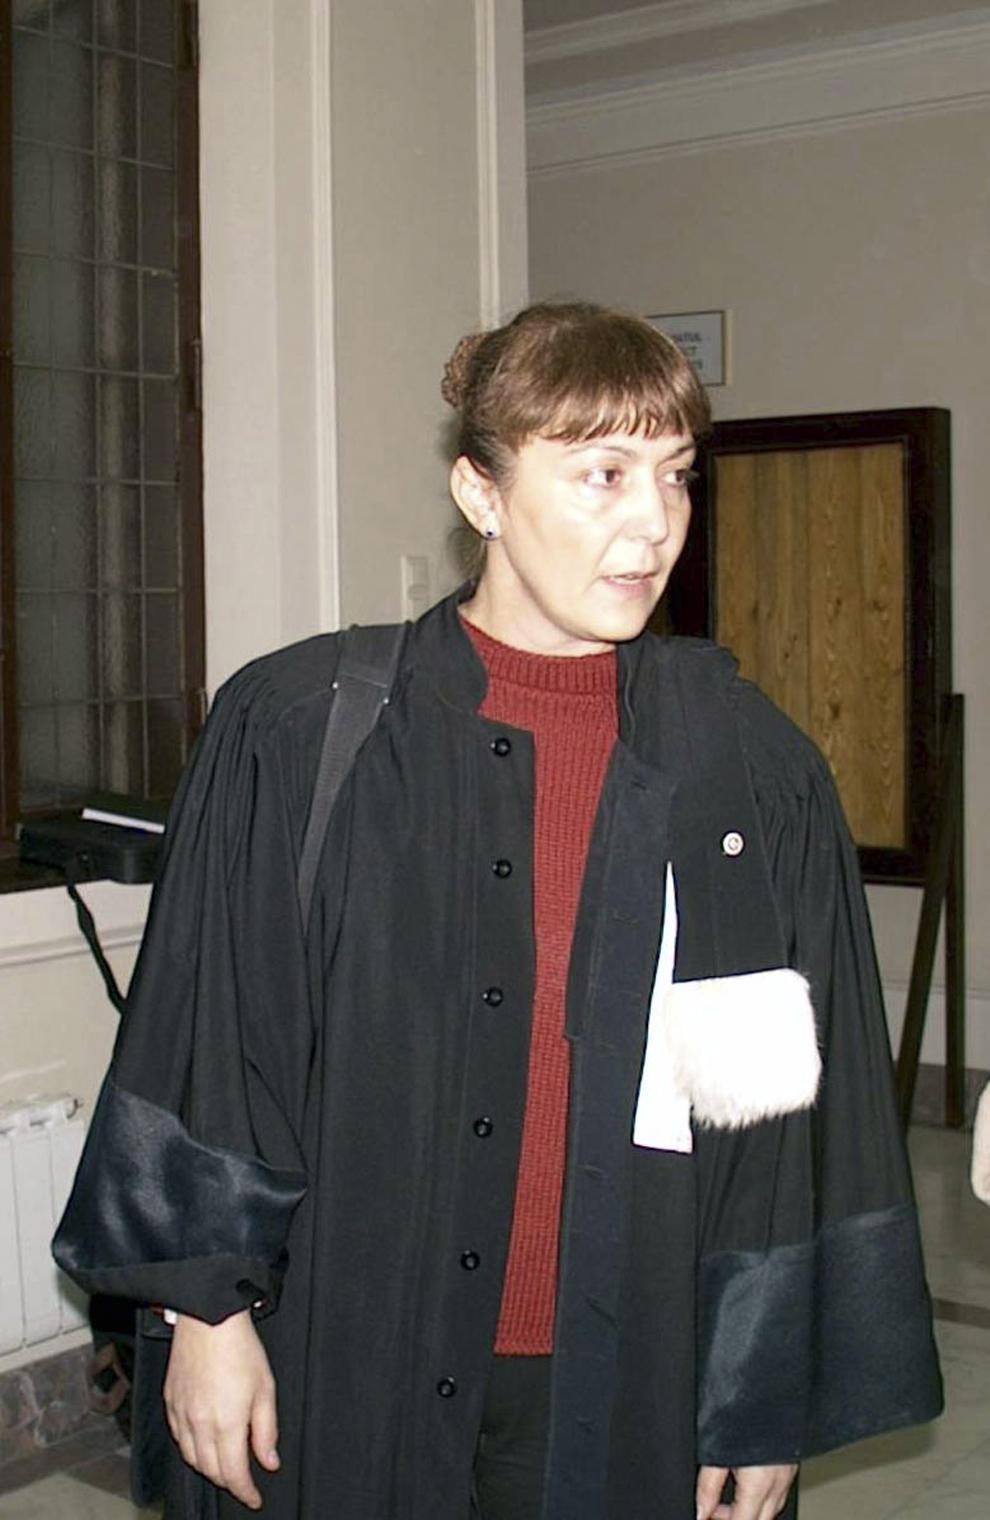 Avocatul Monica Macovei face o declaraţie de presă, în Bucureşti, 5 noiembrie 2001.